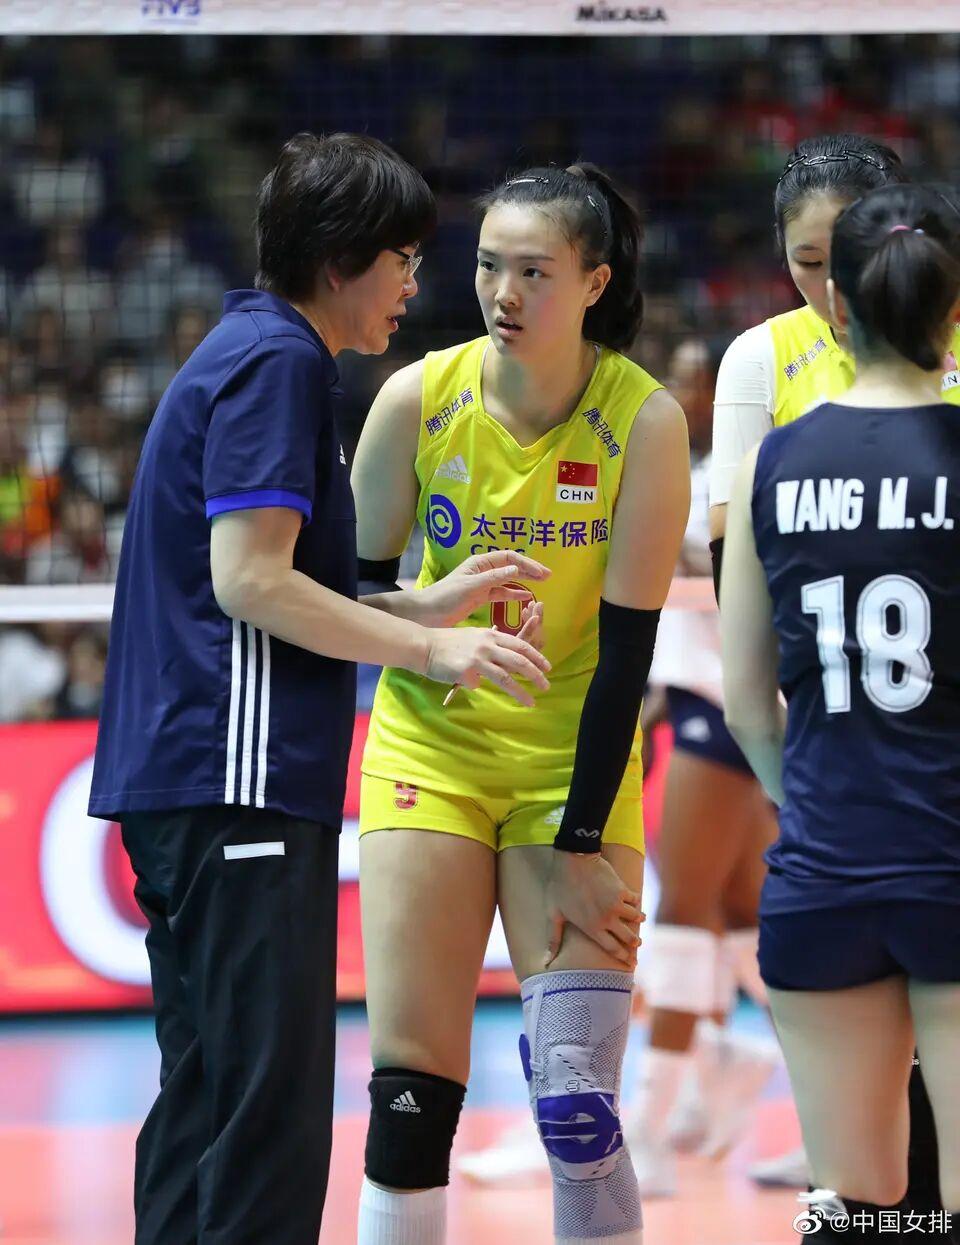 中国女排3局直落美国女排,喜获世界杯7连胜,世界杯冠军稳了